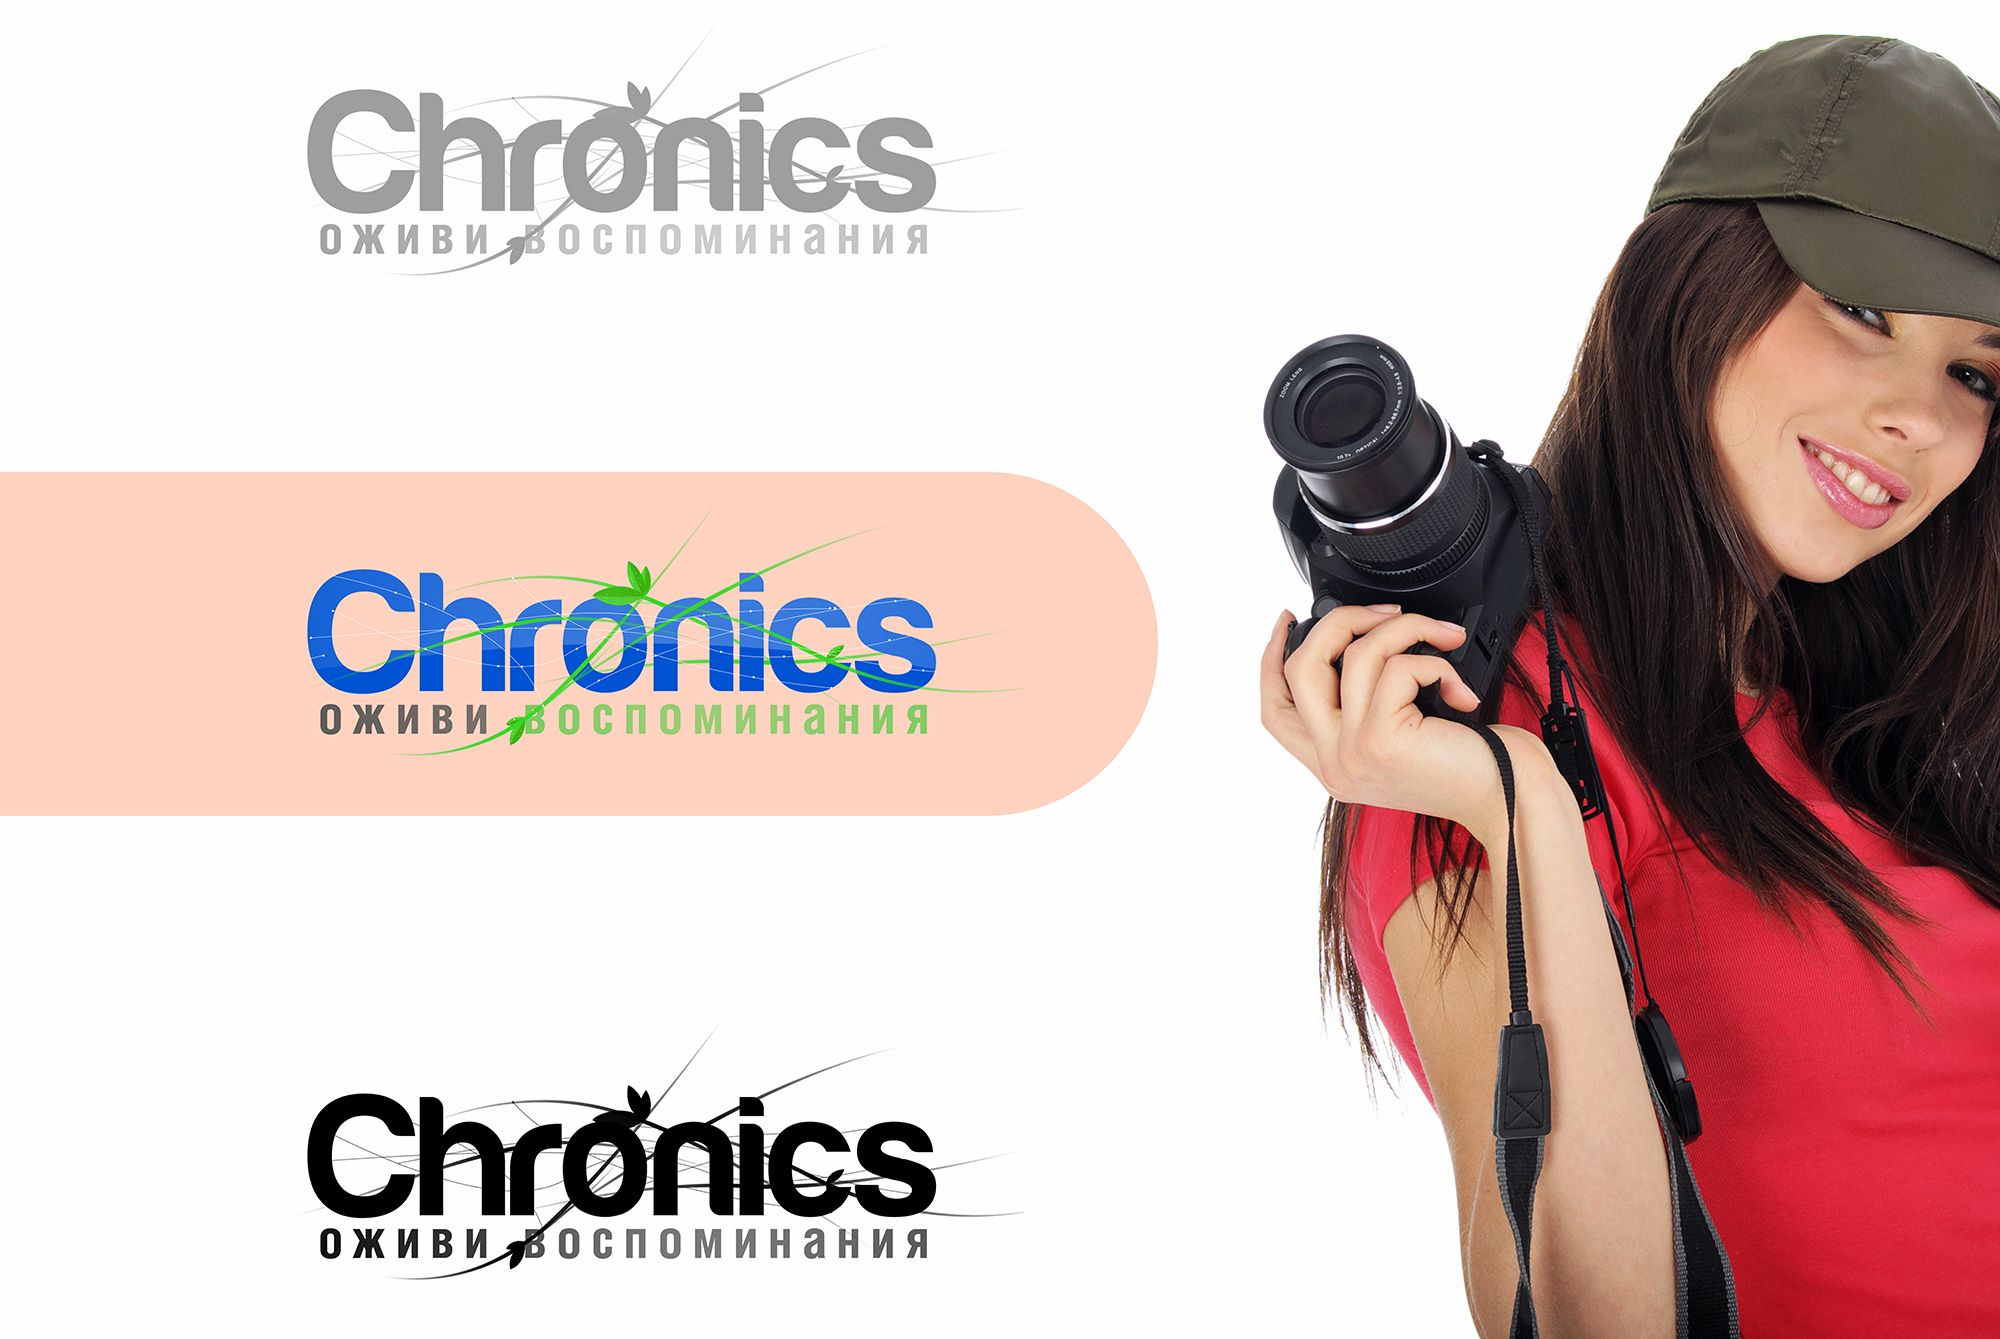 Логотип сервиса Chronics - дизайнер djmirionec1